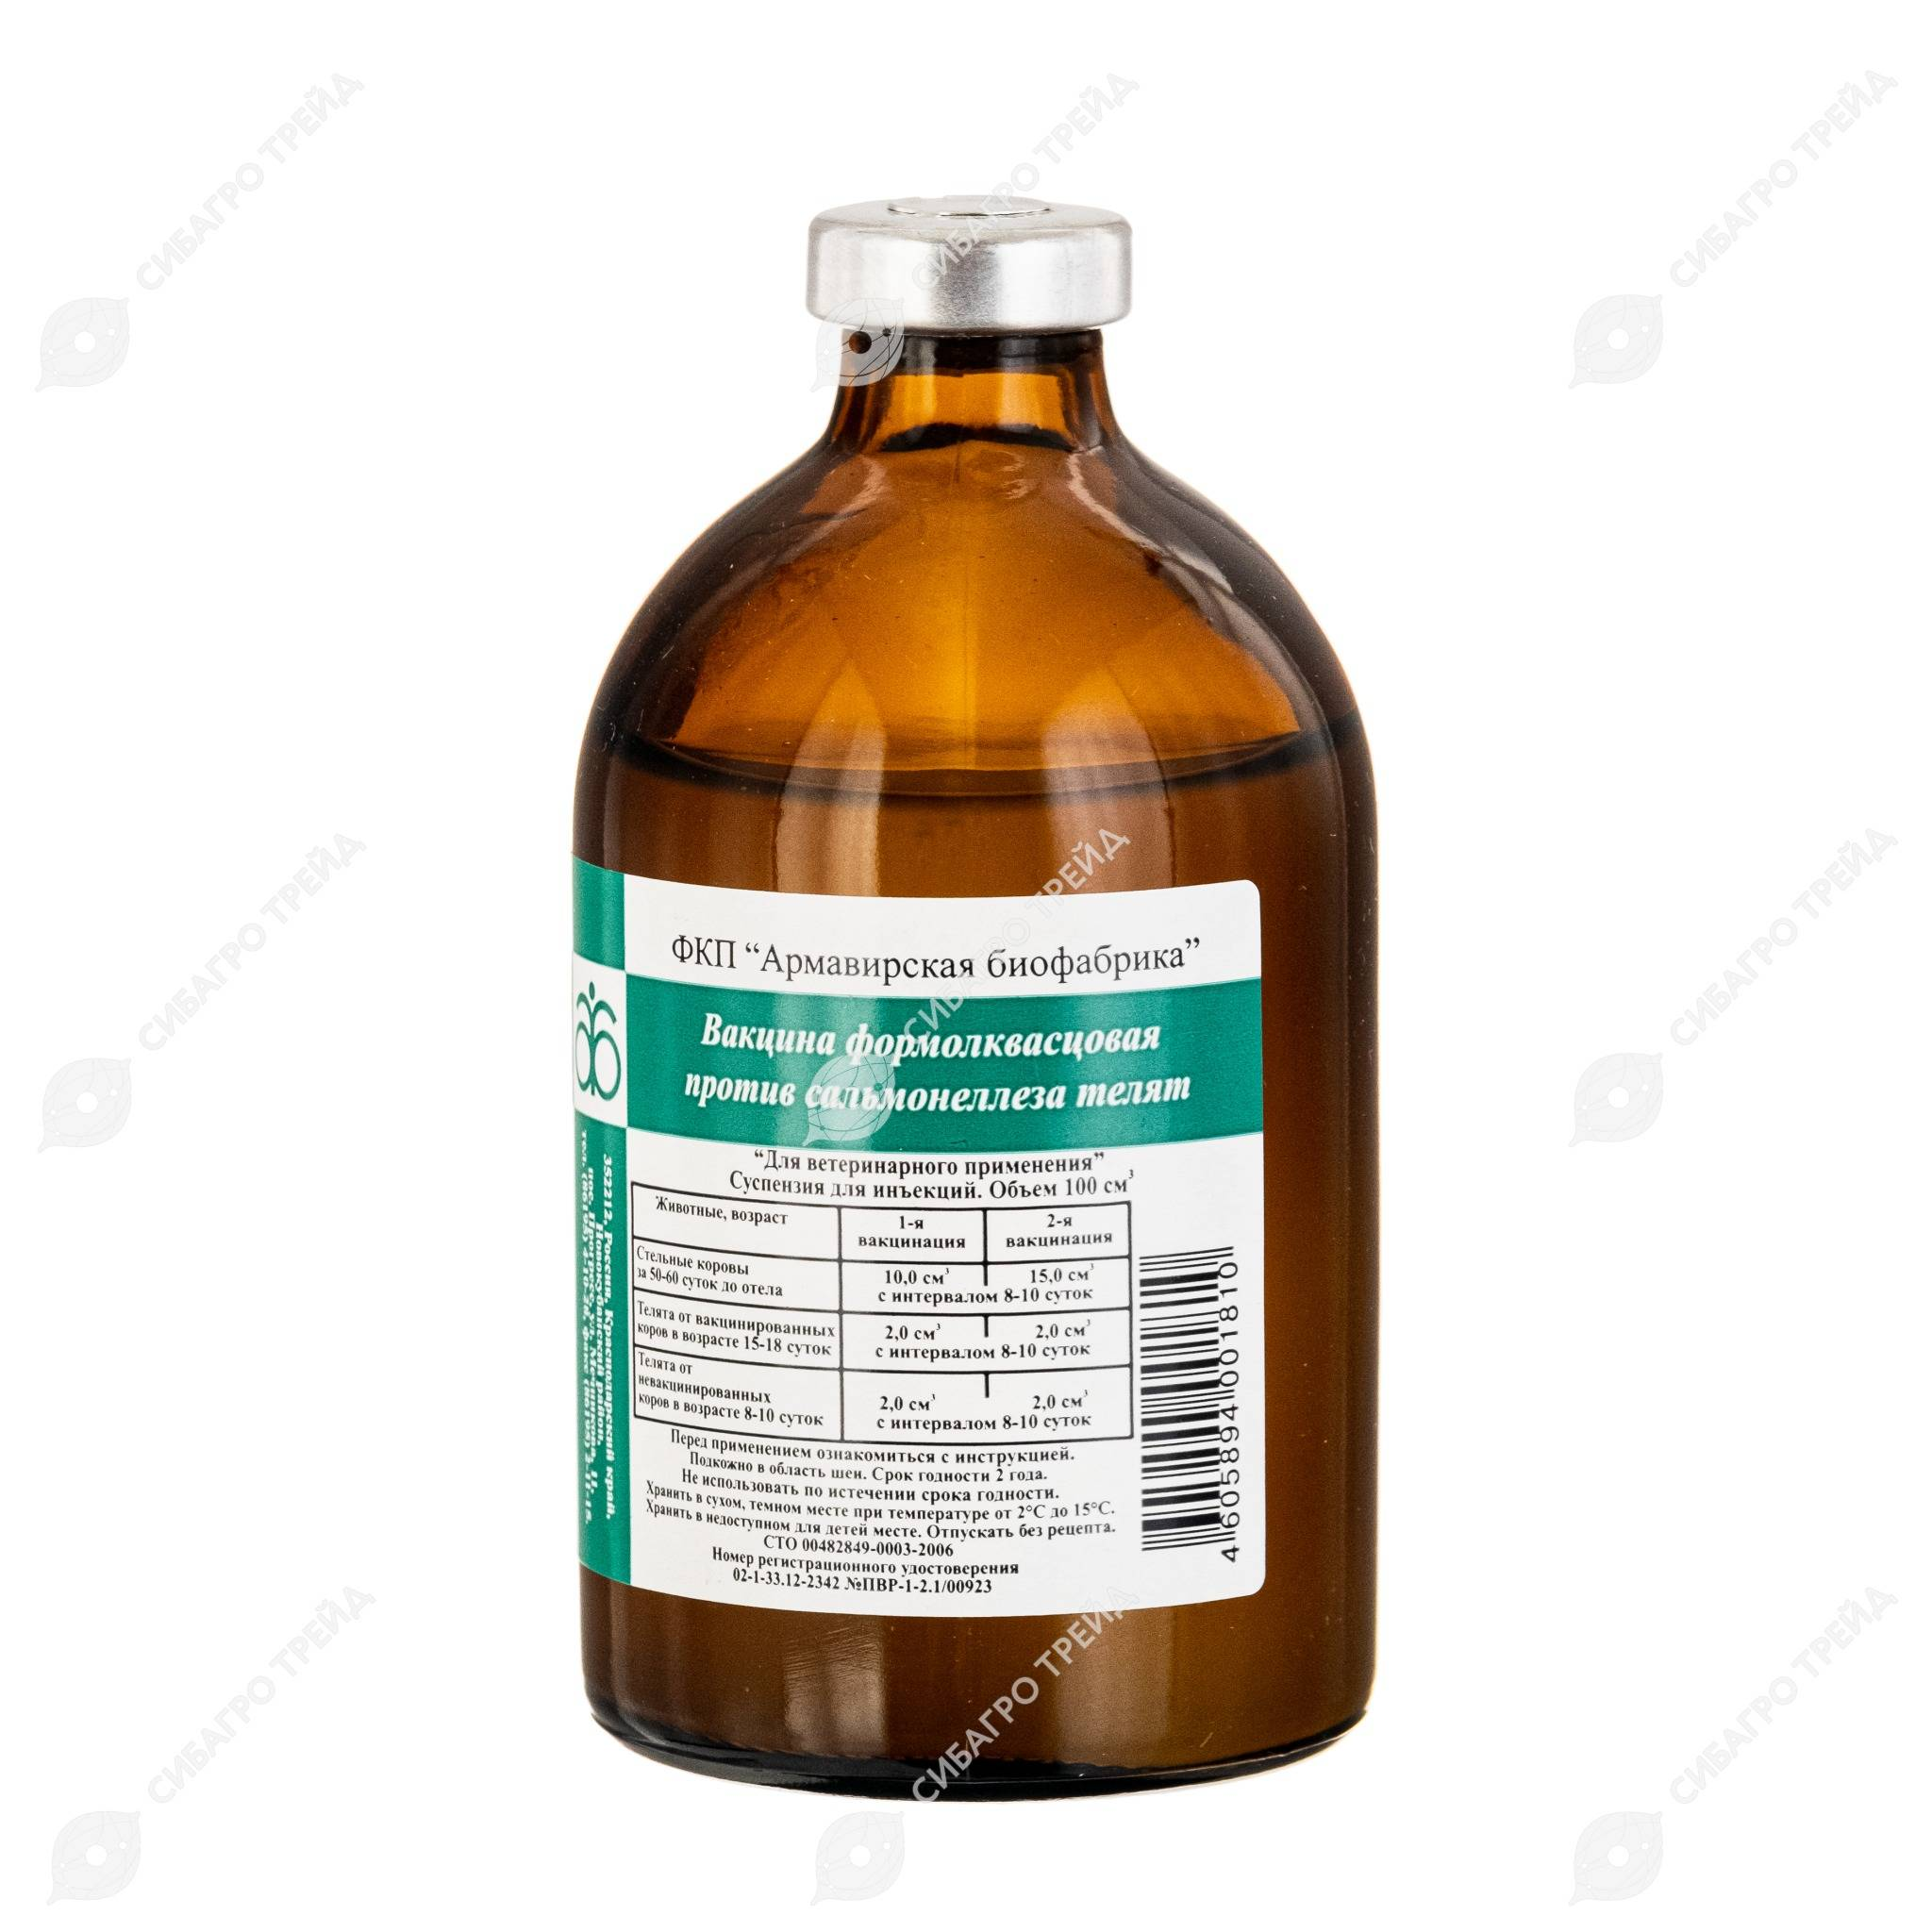 Сальмонелла (сальмонеллез): симптомы, диагностика, лечение